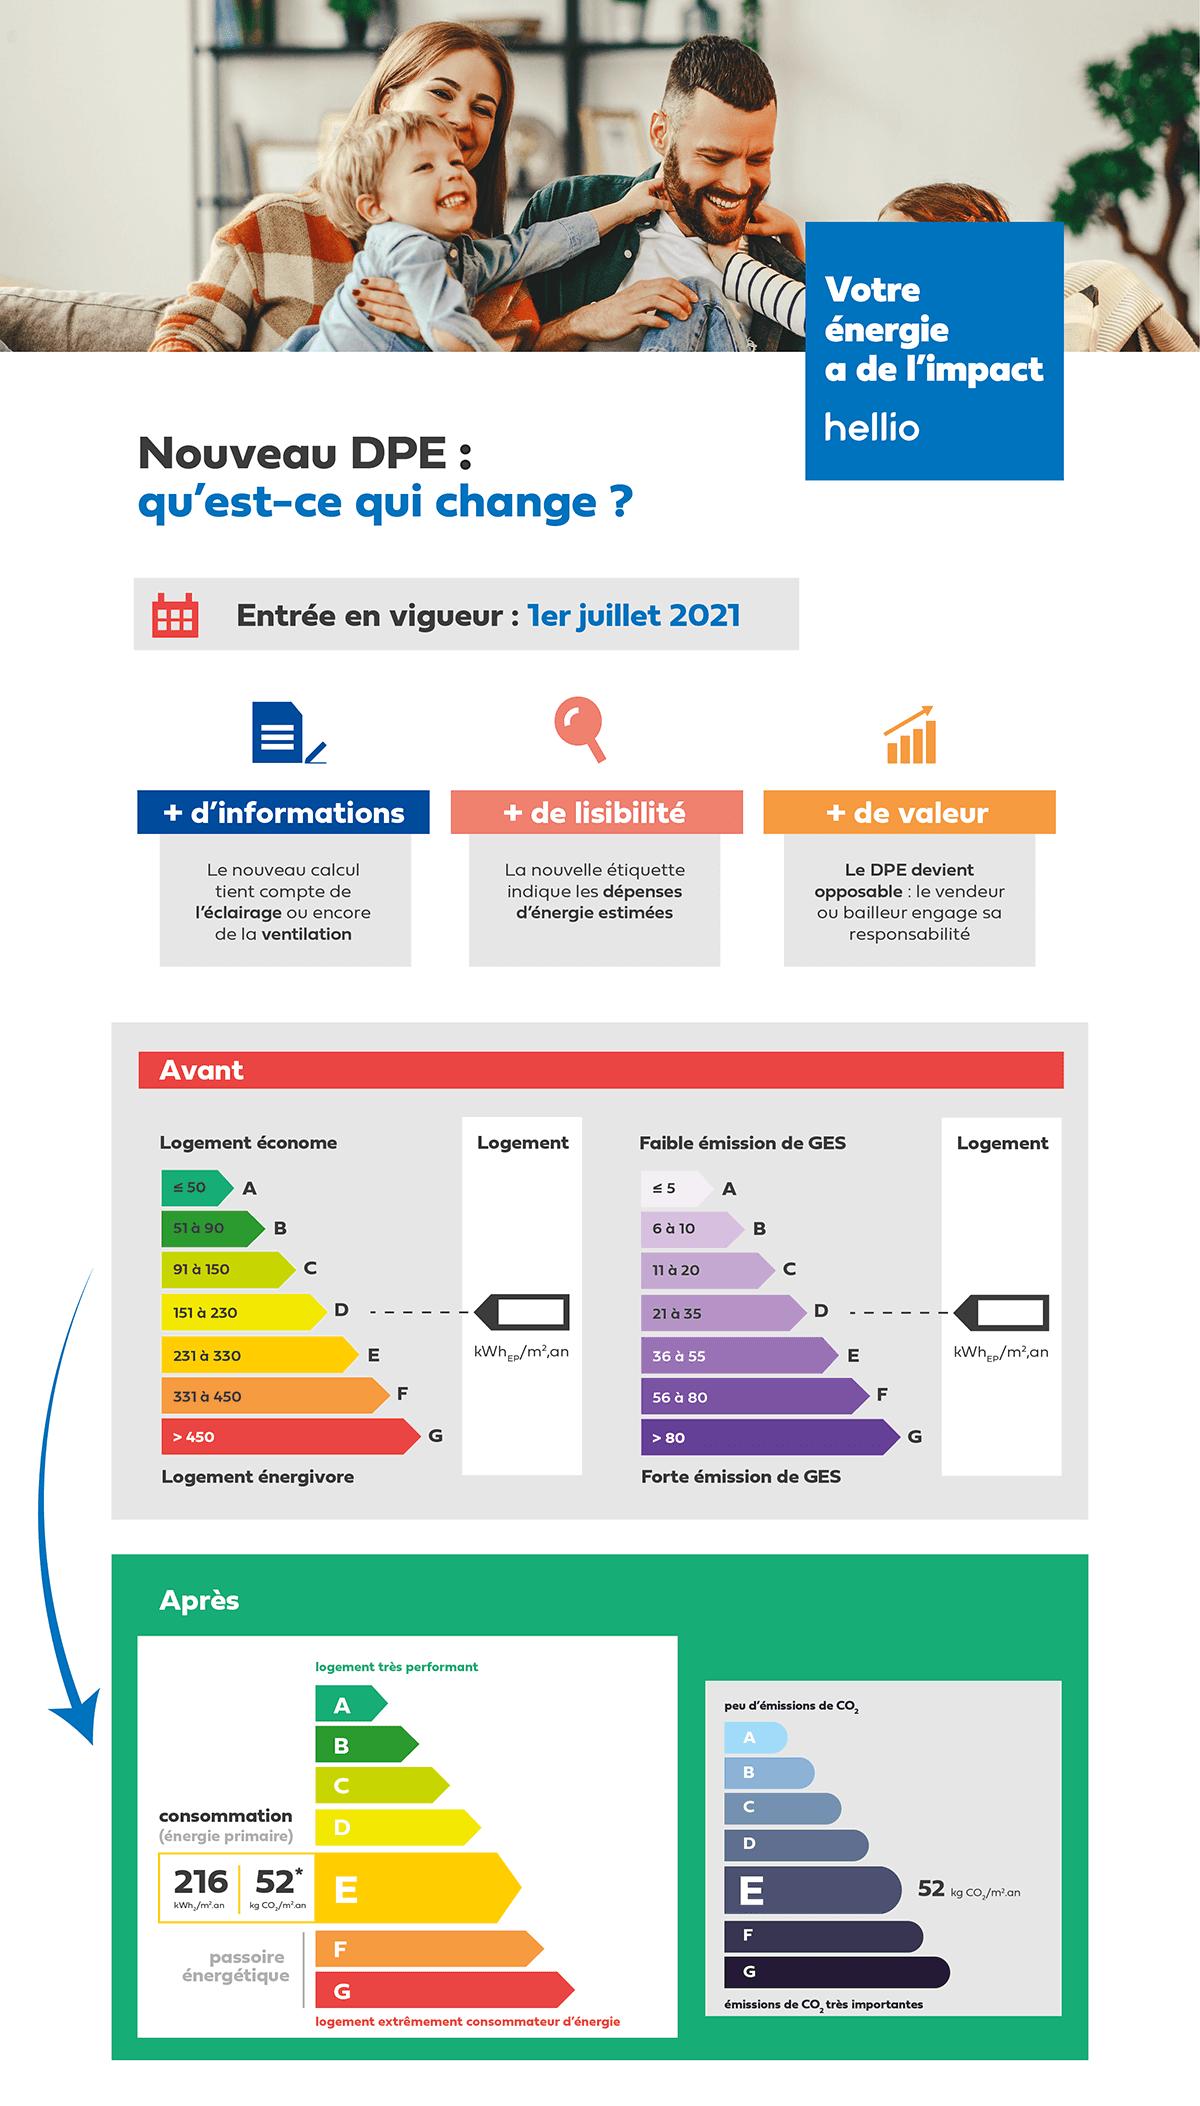 Infographie-nouvelle-etiquette-energie-dpe-2021-hellio-v2